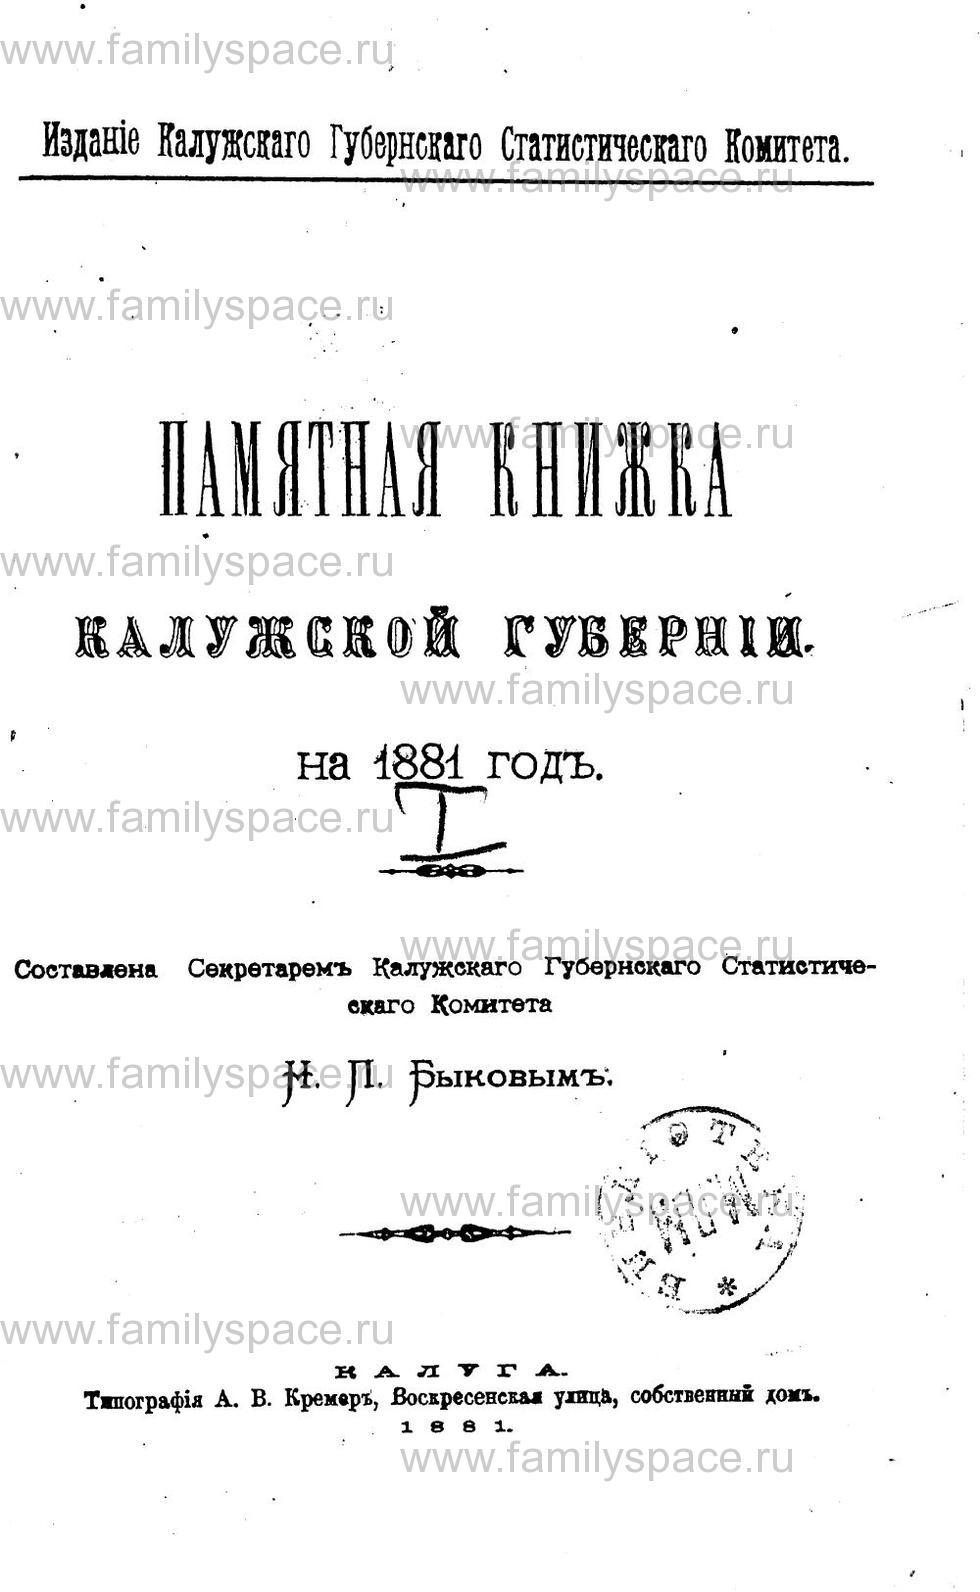 Поиск по фамилии - Памятная книжка Калужской губернии на 1881 год, страница -2